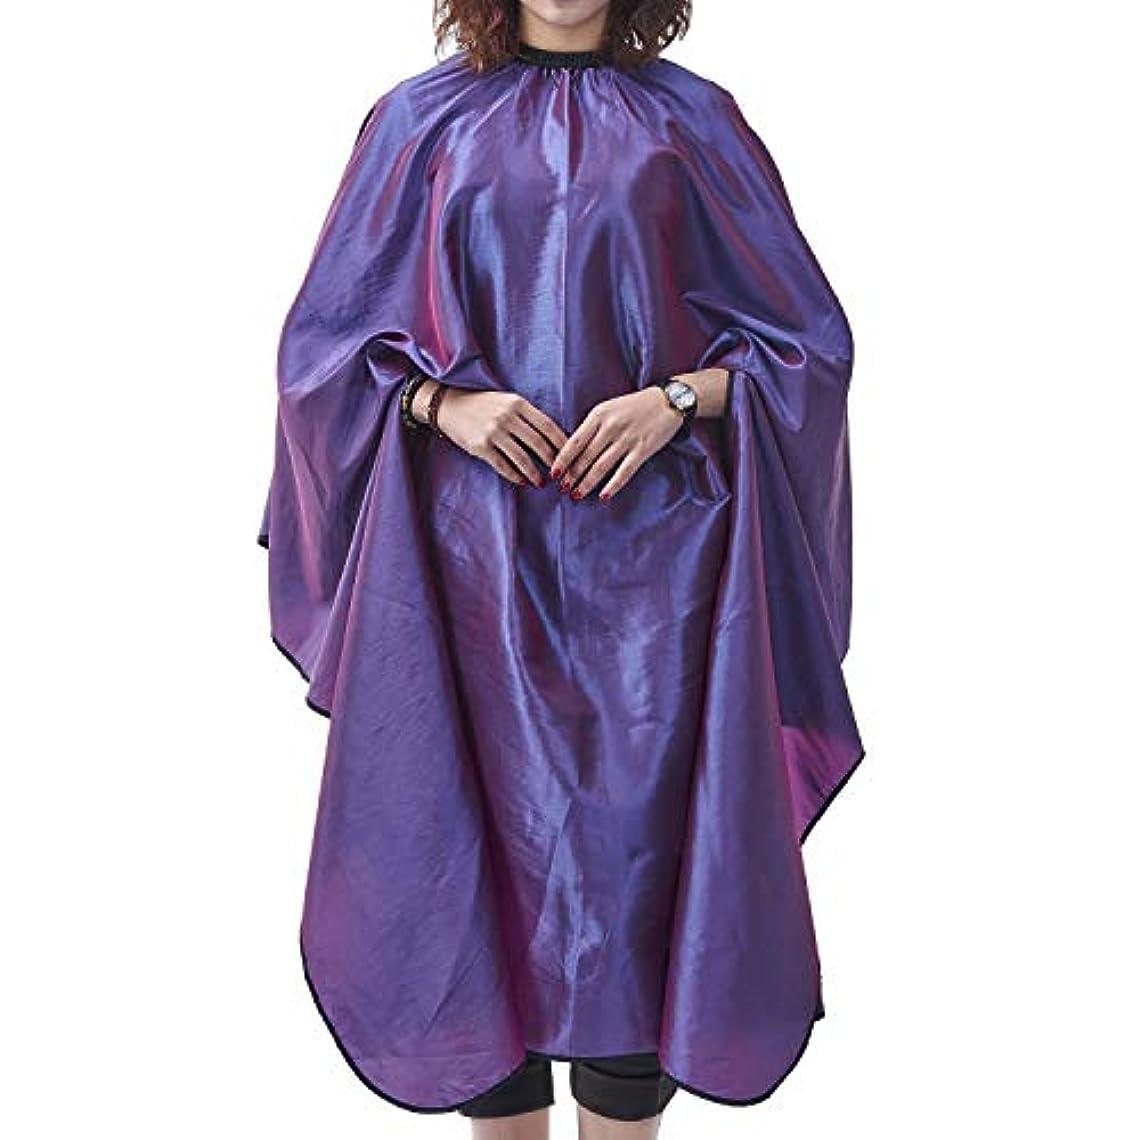 複製するミュートみなさんHIZLJJ サロンケープエプロンバーバーシャ??ンプーオイルスタイリングヘアカット美容師職業理髪店用品よだれかけ (Color : Purple)